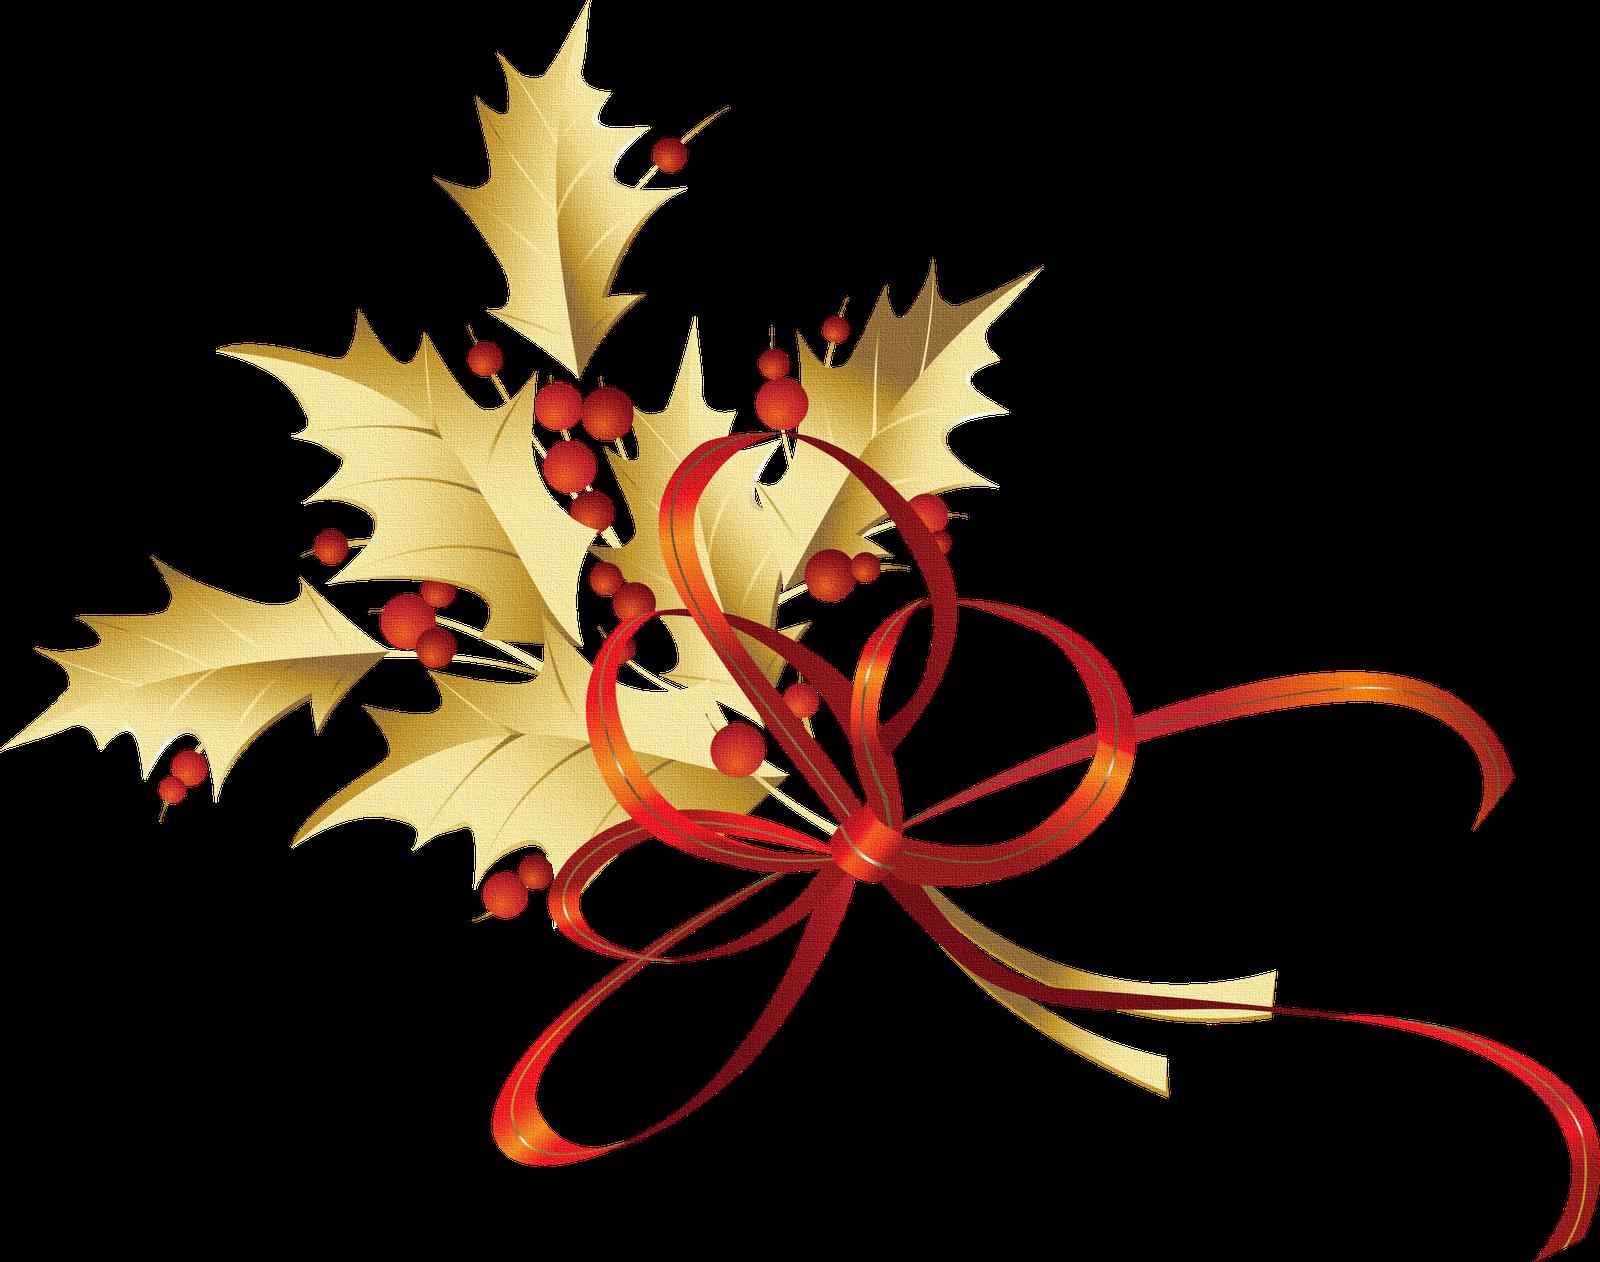 Colecci n de gifs im genes variadas de navidad for Cosas decorativas para navidad